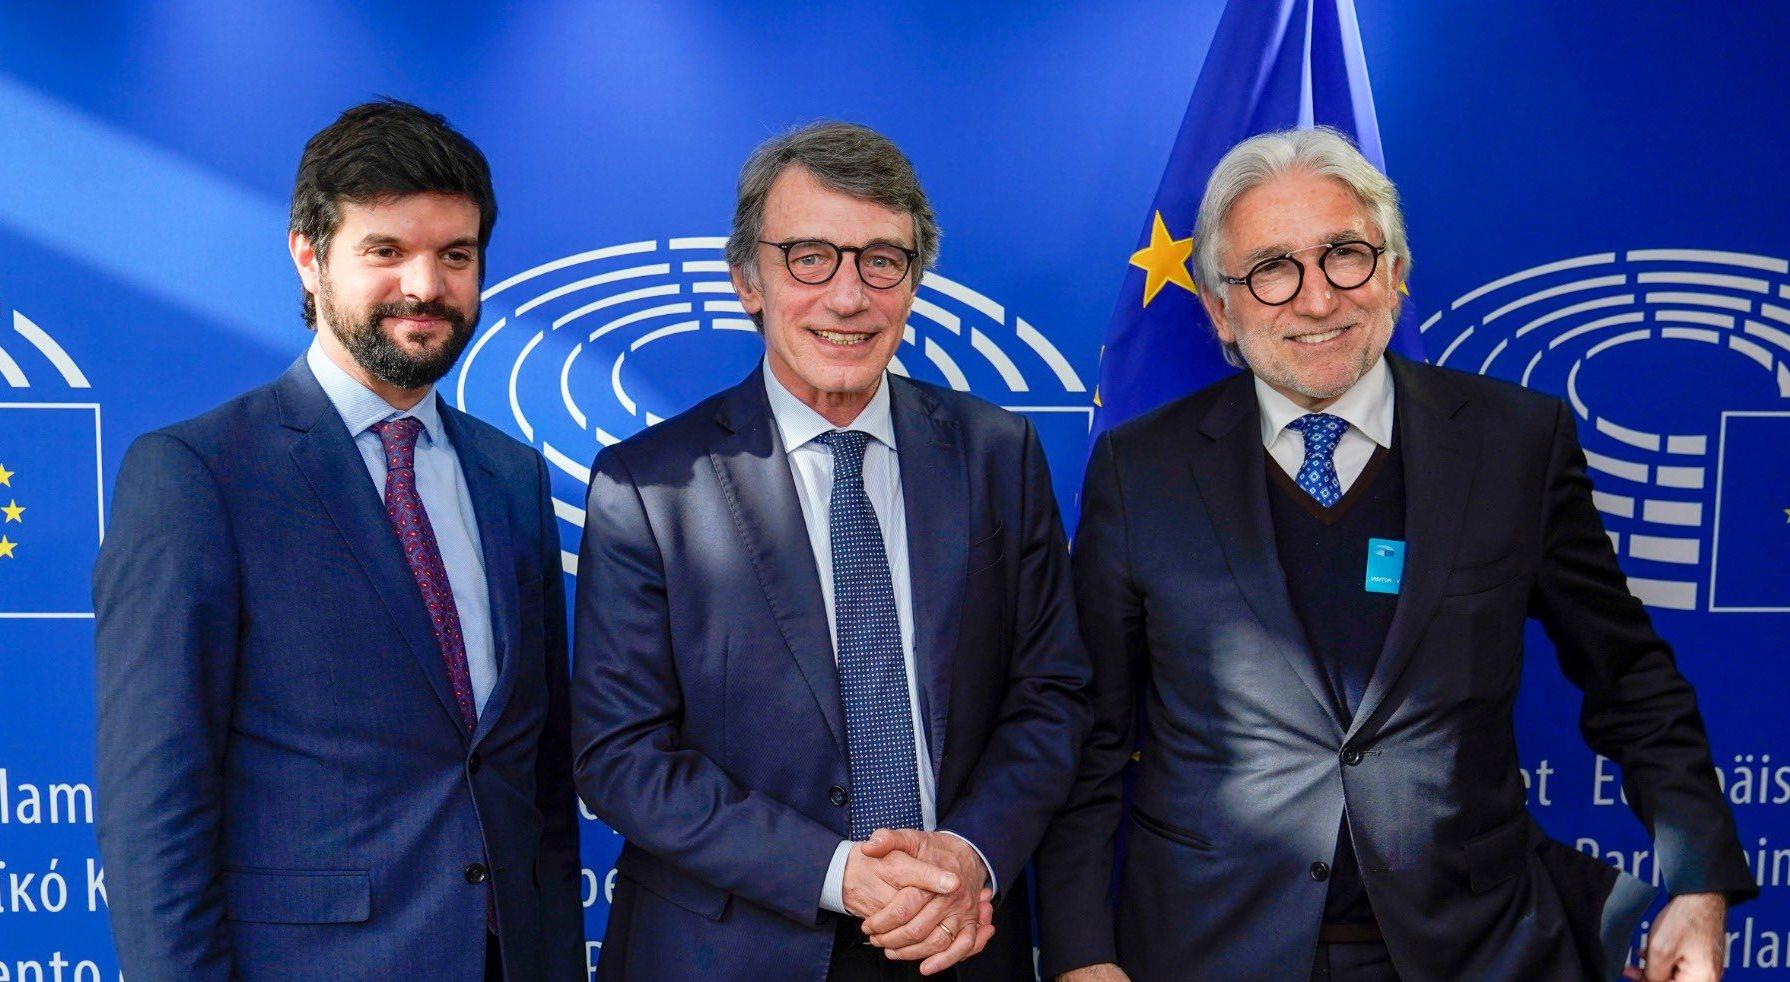 L'Institut d'Estudis Estratègics de Foment reivindica Europa per construir un nou pacte social i un creixement econòmic inclusiu